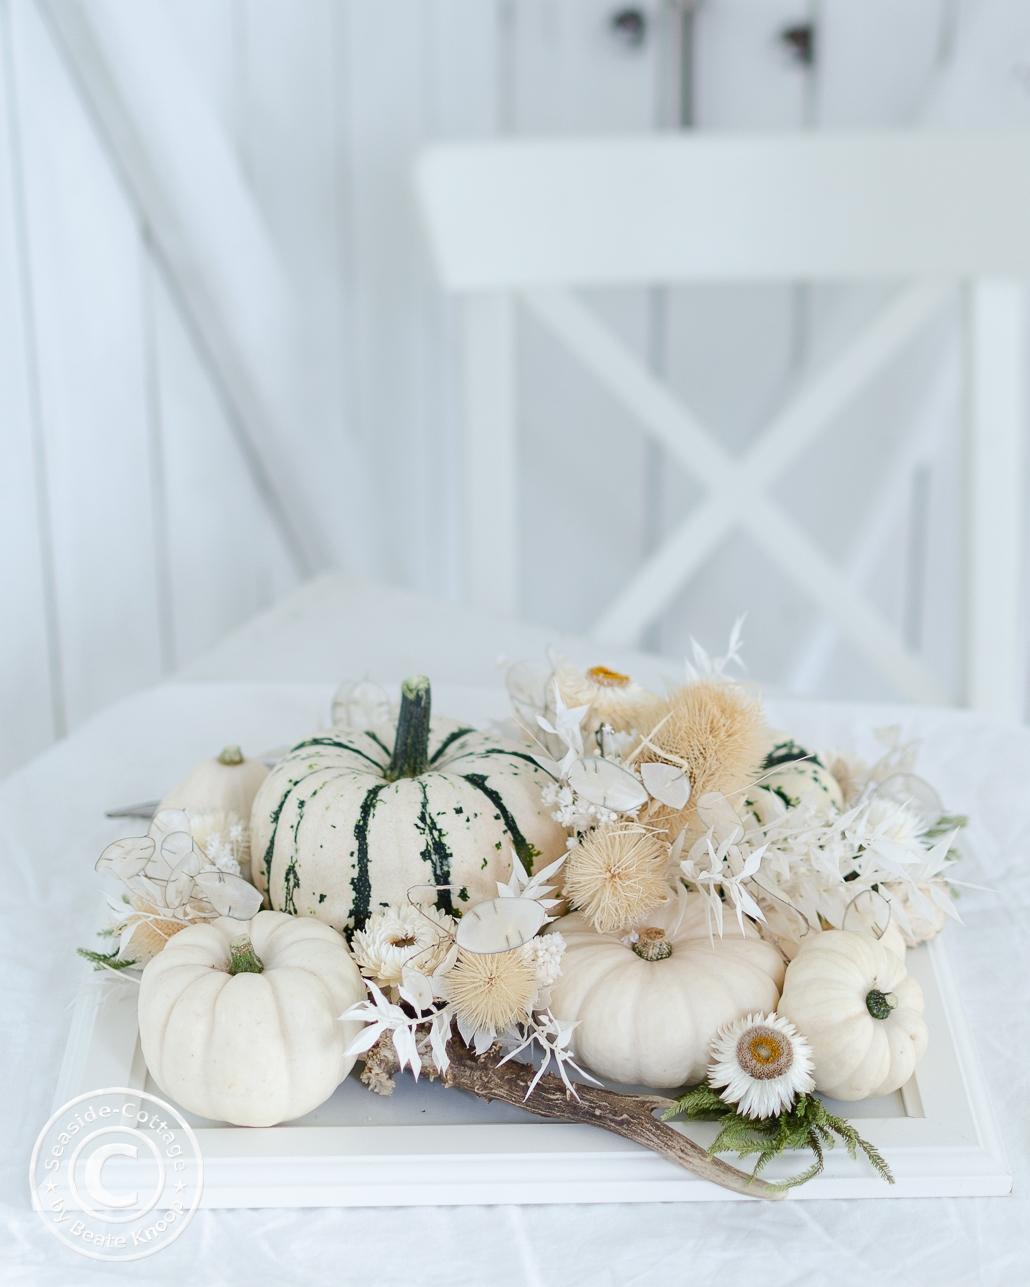 Herbstliche Tischdeko mit Kürbissen in weiß und weiß-grün mit Trockenblumen in naturtönen und Weiß, auf einem weißen Tisch dekoriert, hinter dem ein weißer Stuhl steht